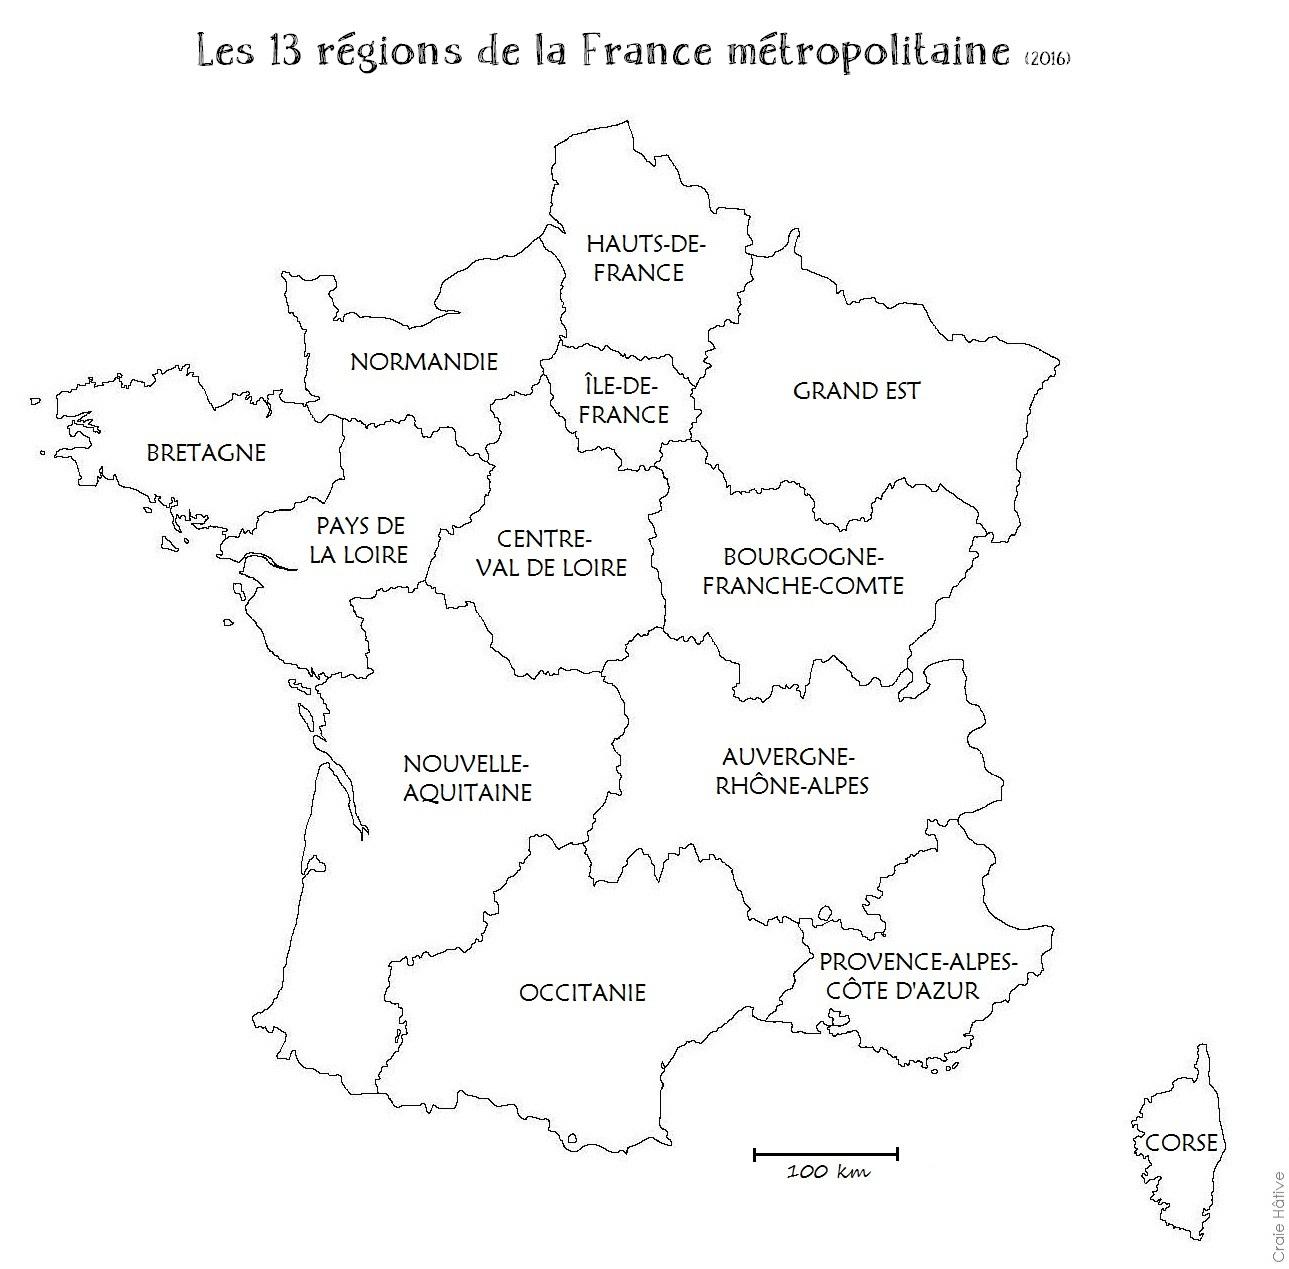 Cartes Des Régions De La France Métropolitaine - 2016 serapportantà Carte De France Vierge Nouvelles Régions